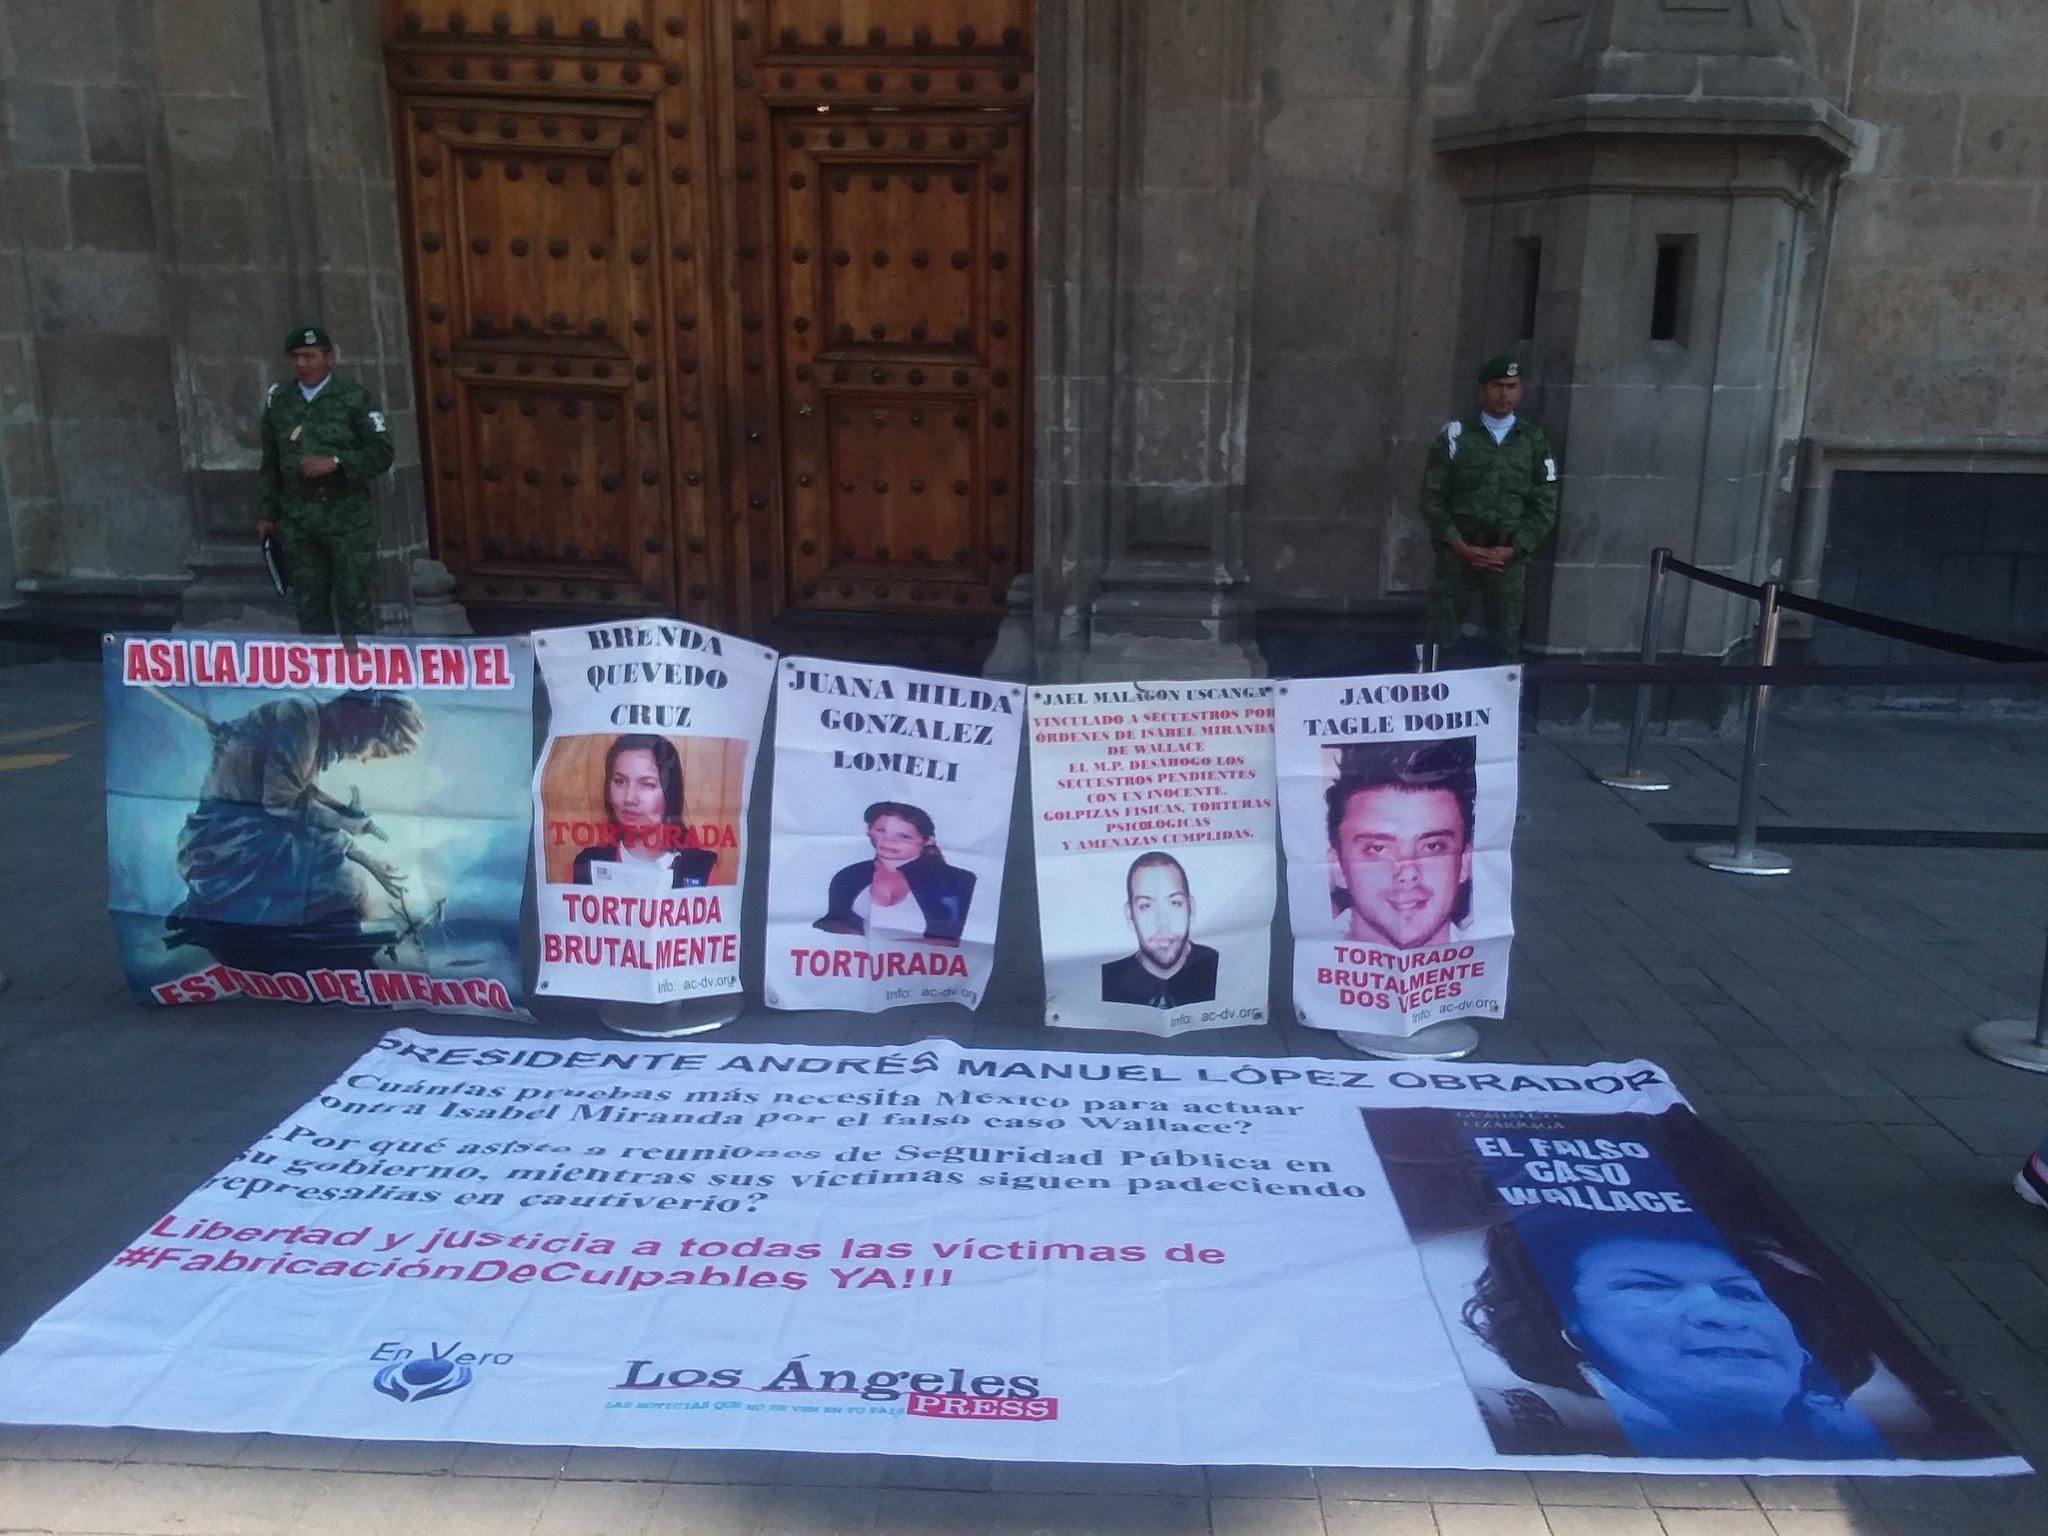 Protesta contra Miranda de Wallace ayer. Foto: Twitter/ @gpelizarraga